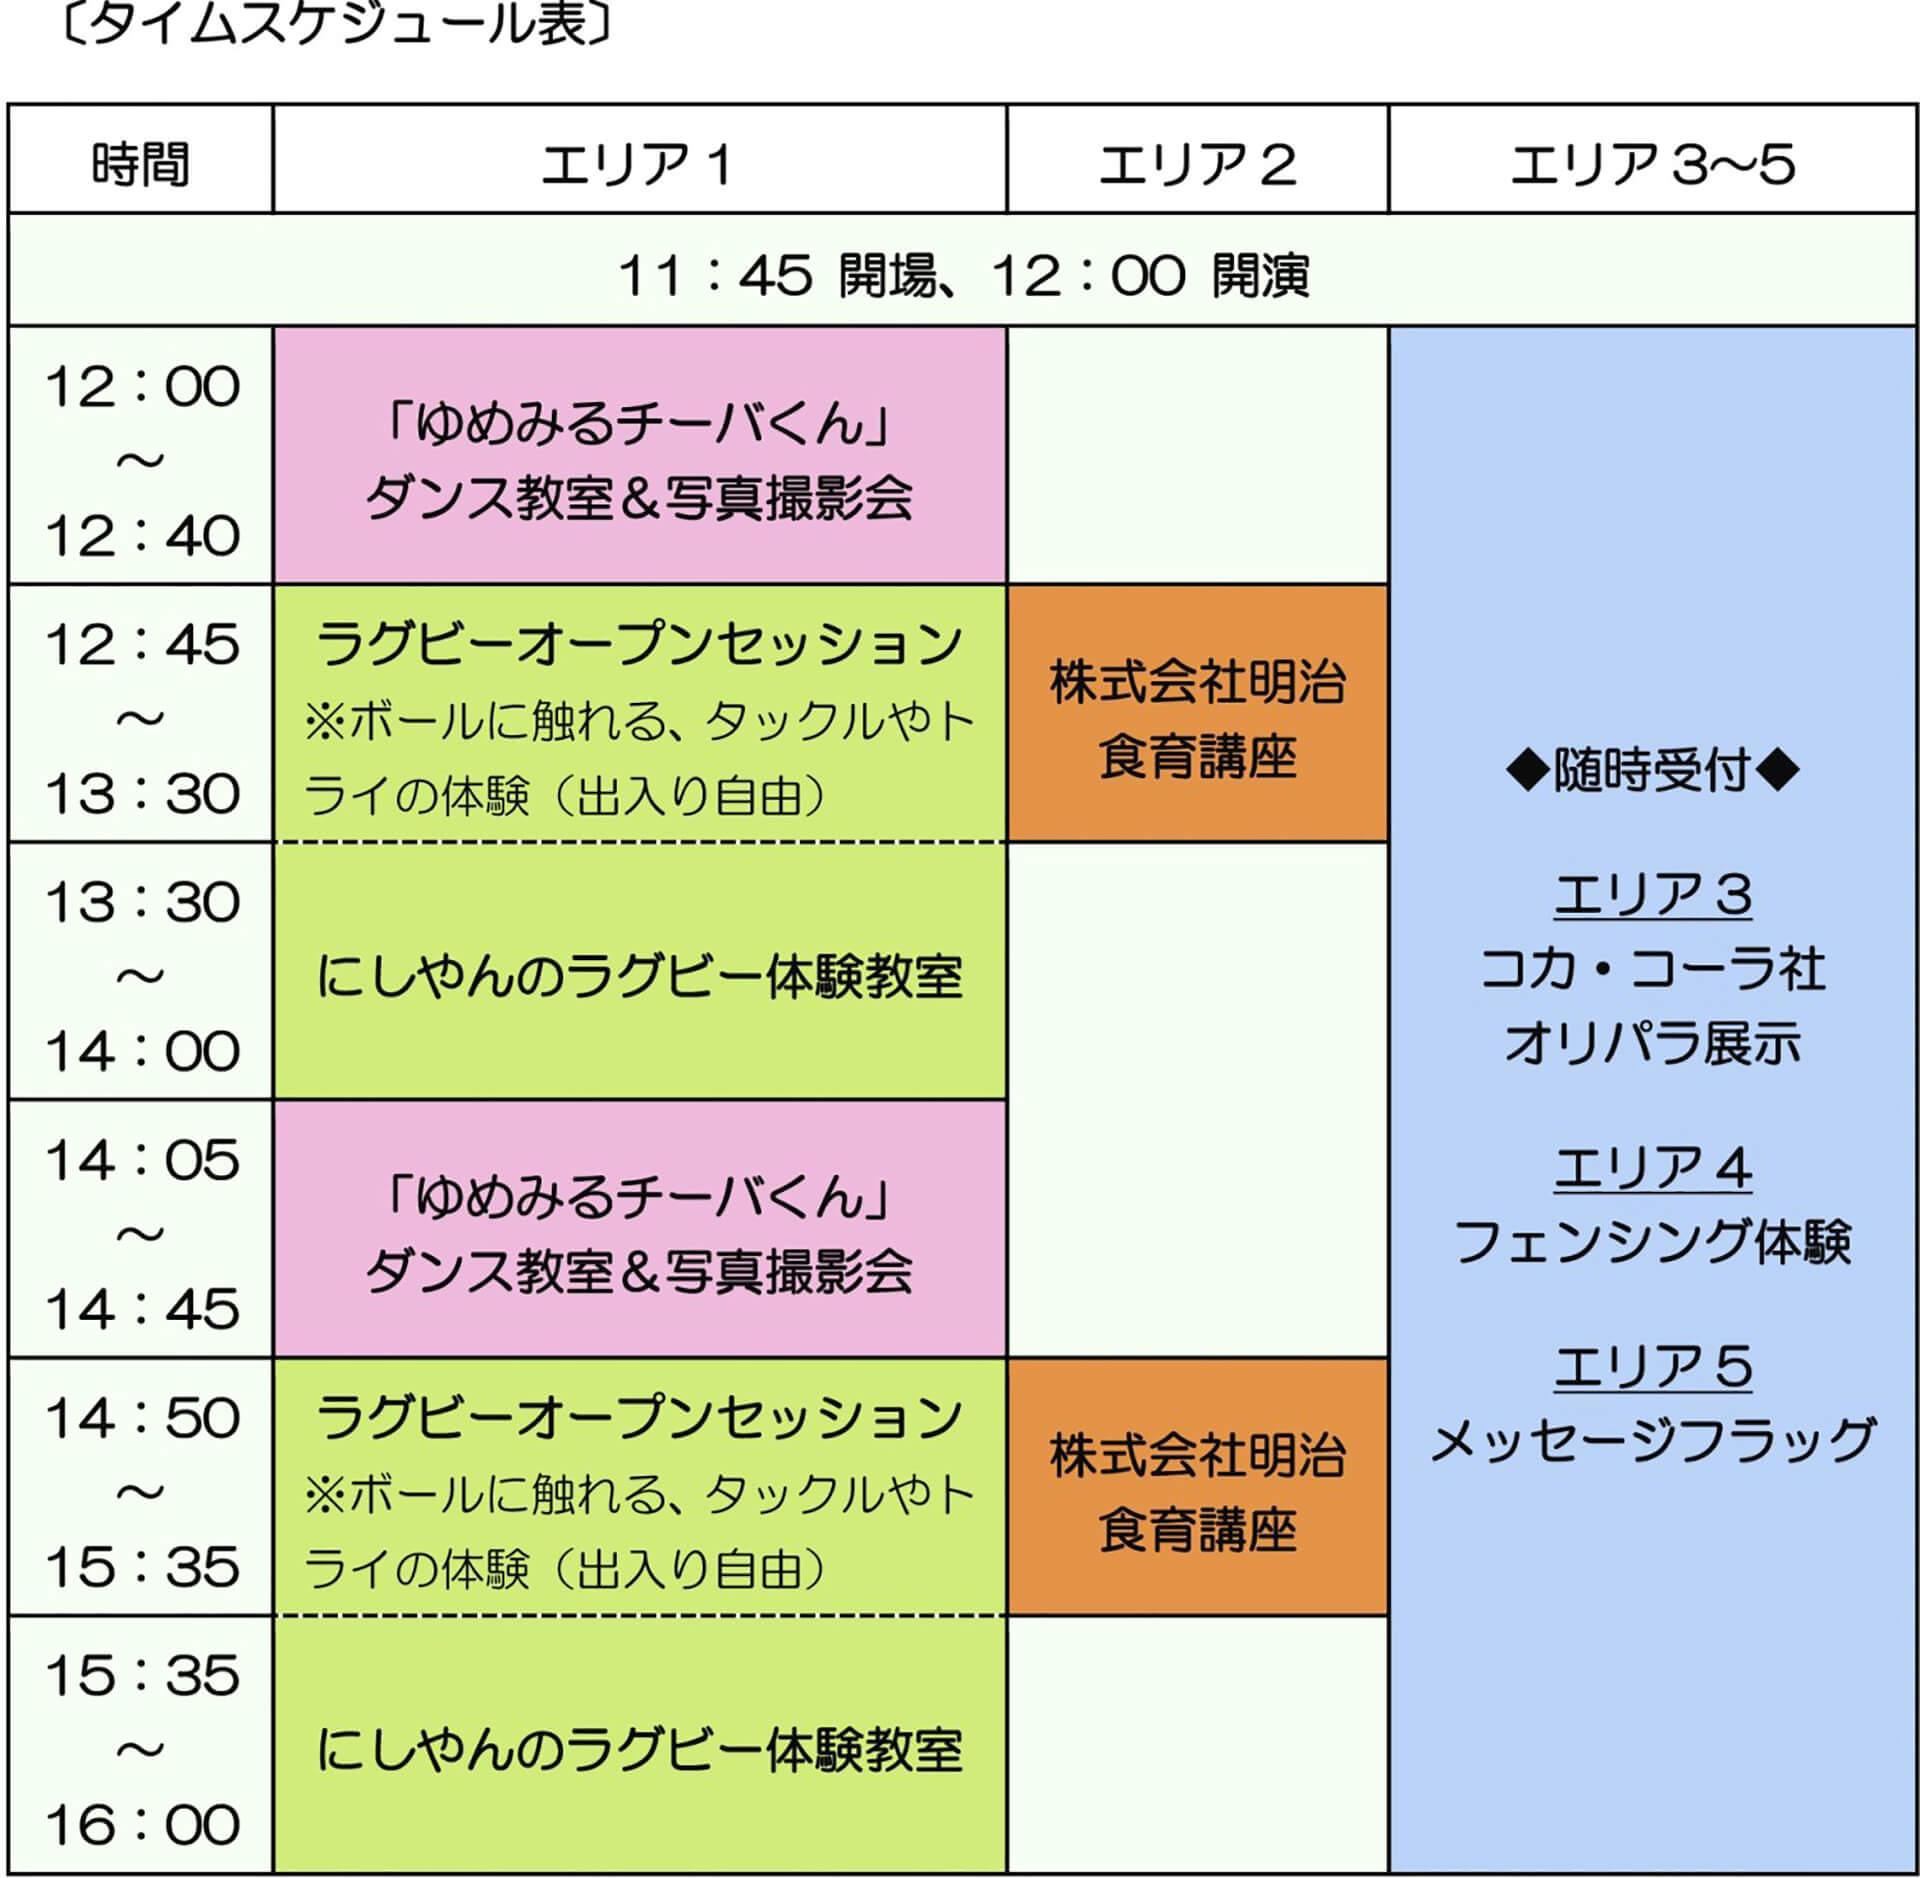 この写真は、東京2020大会1年前記念フェスティバルin松戸のプログラム内容。タイムスケジュールリストです